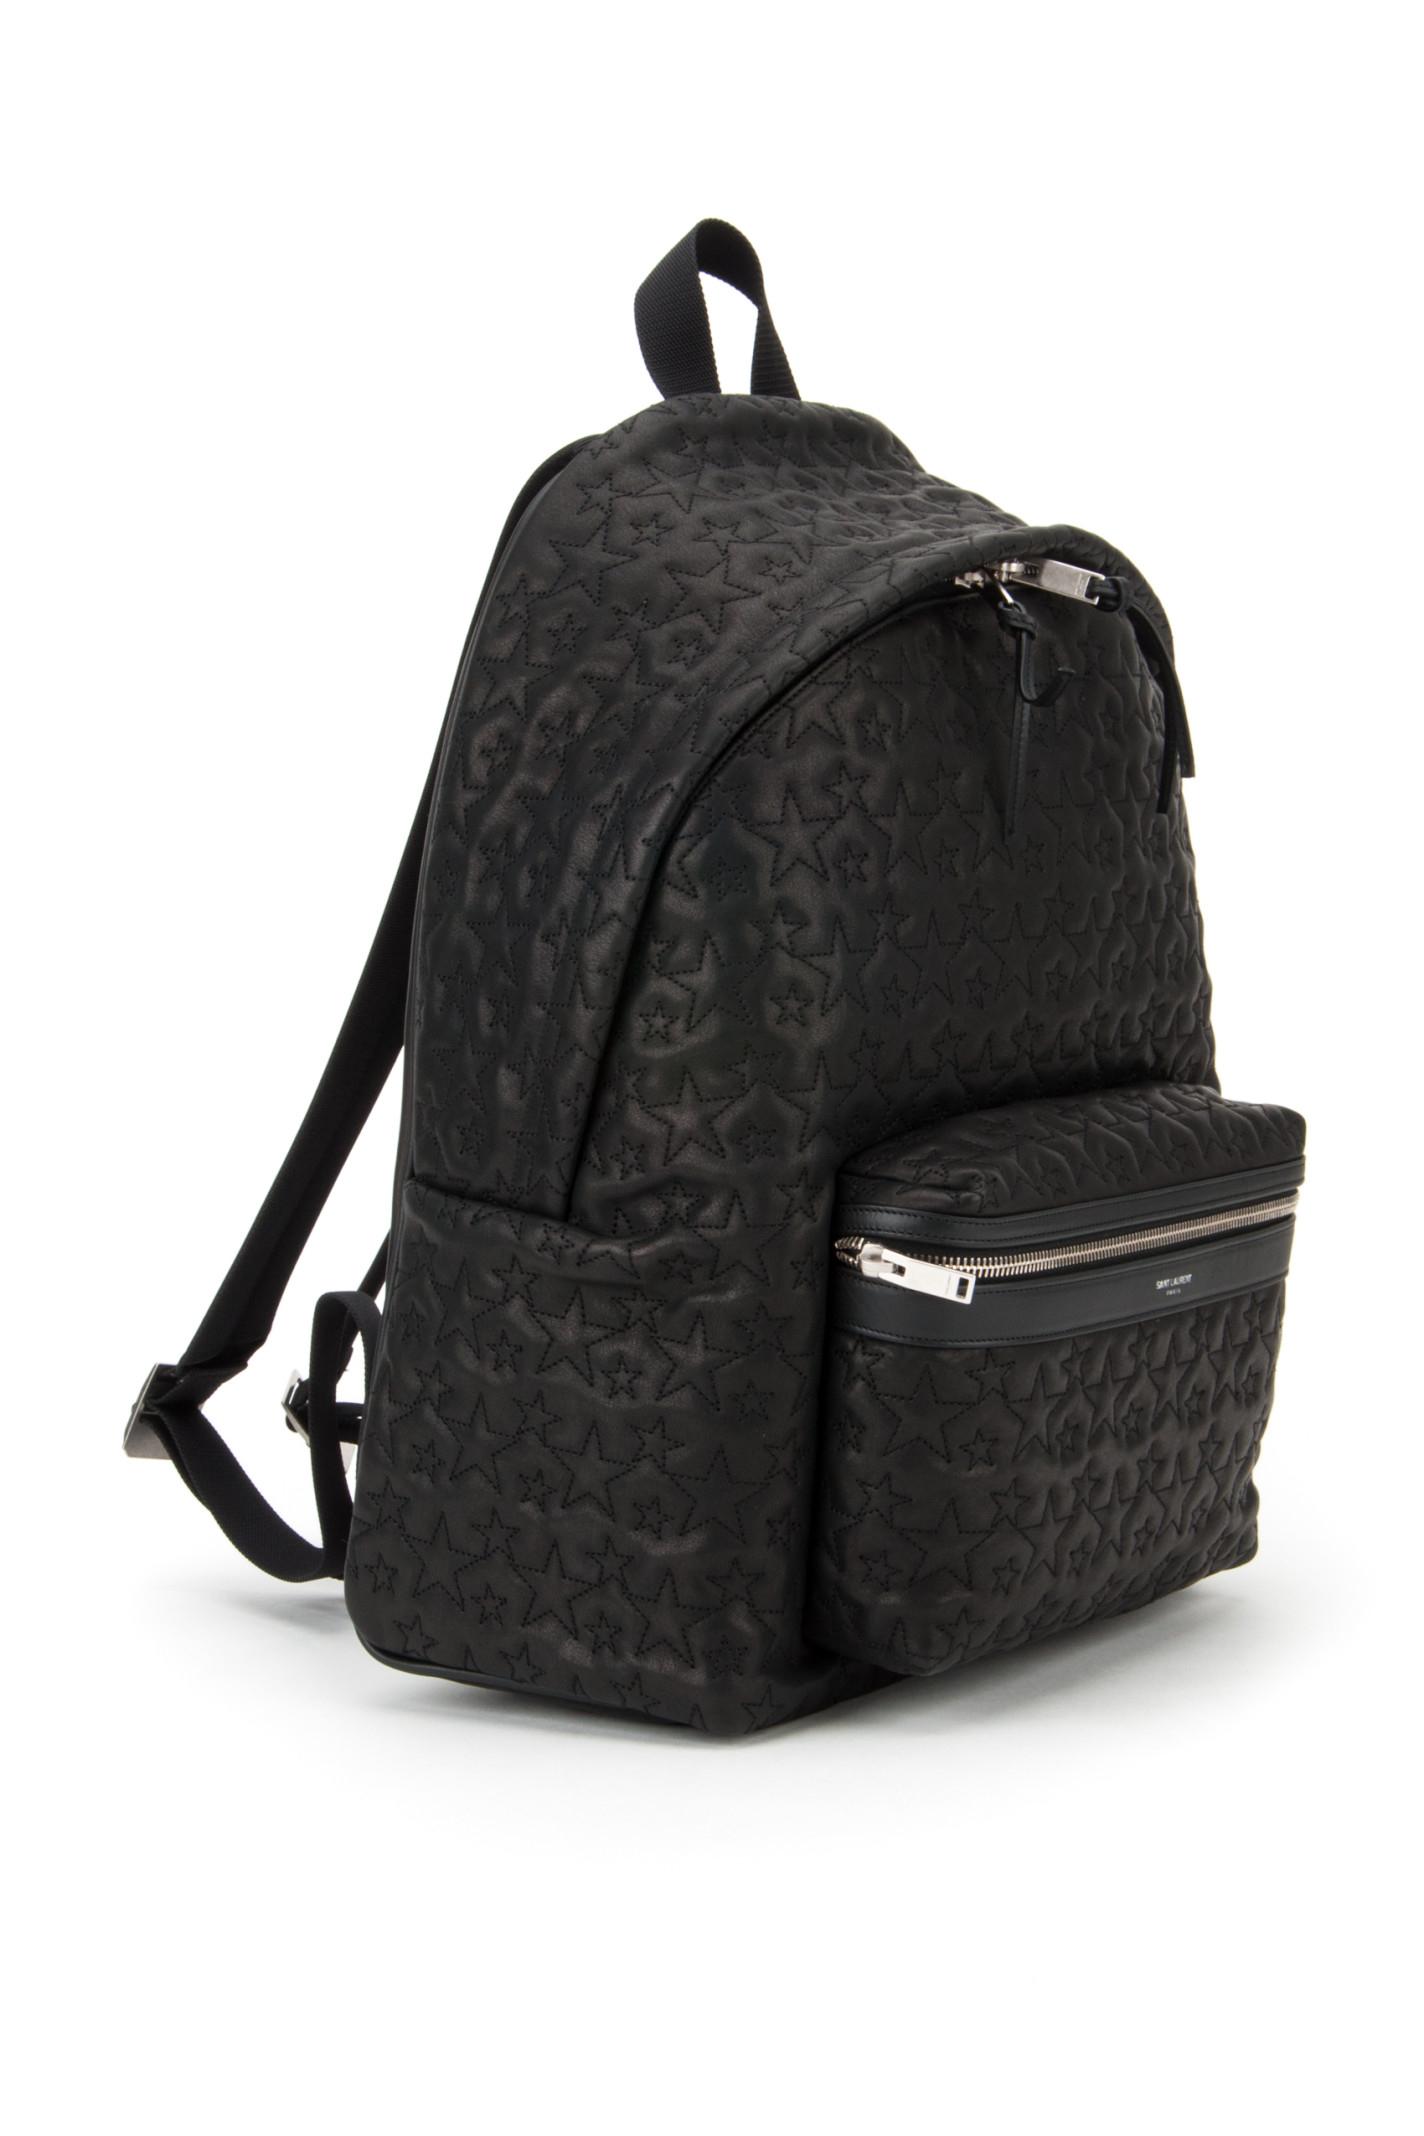 Ysl Mens Backpack Roady Bag Ysl